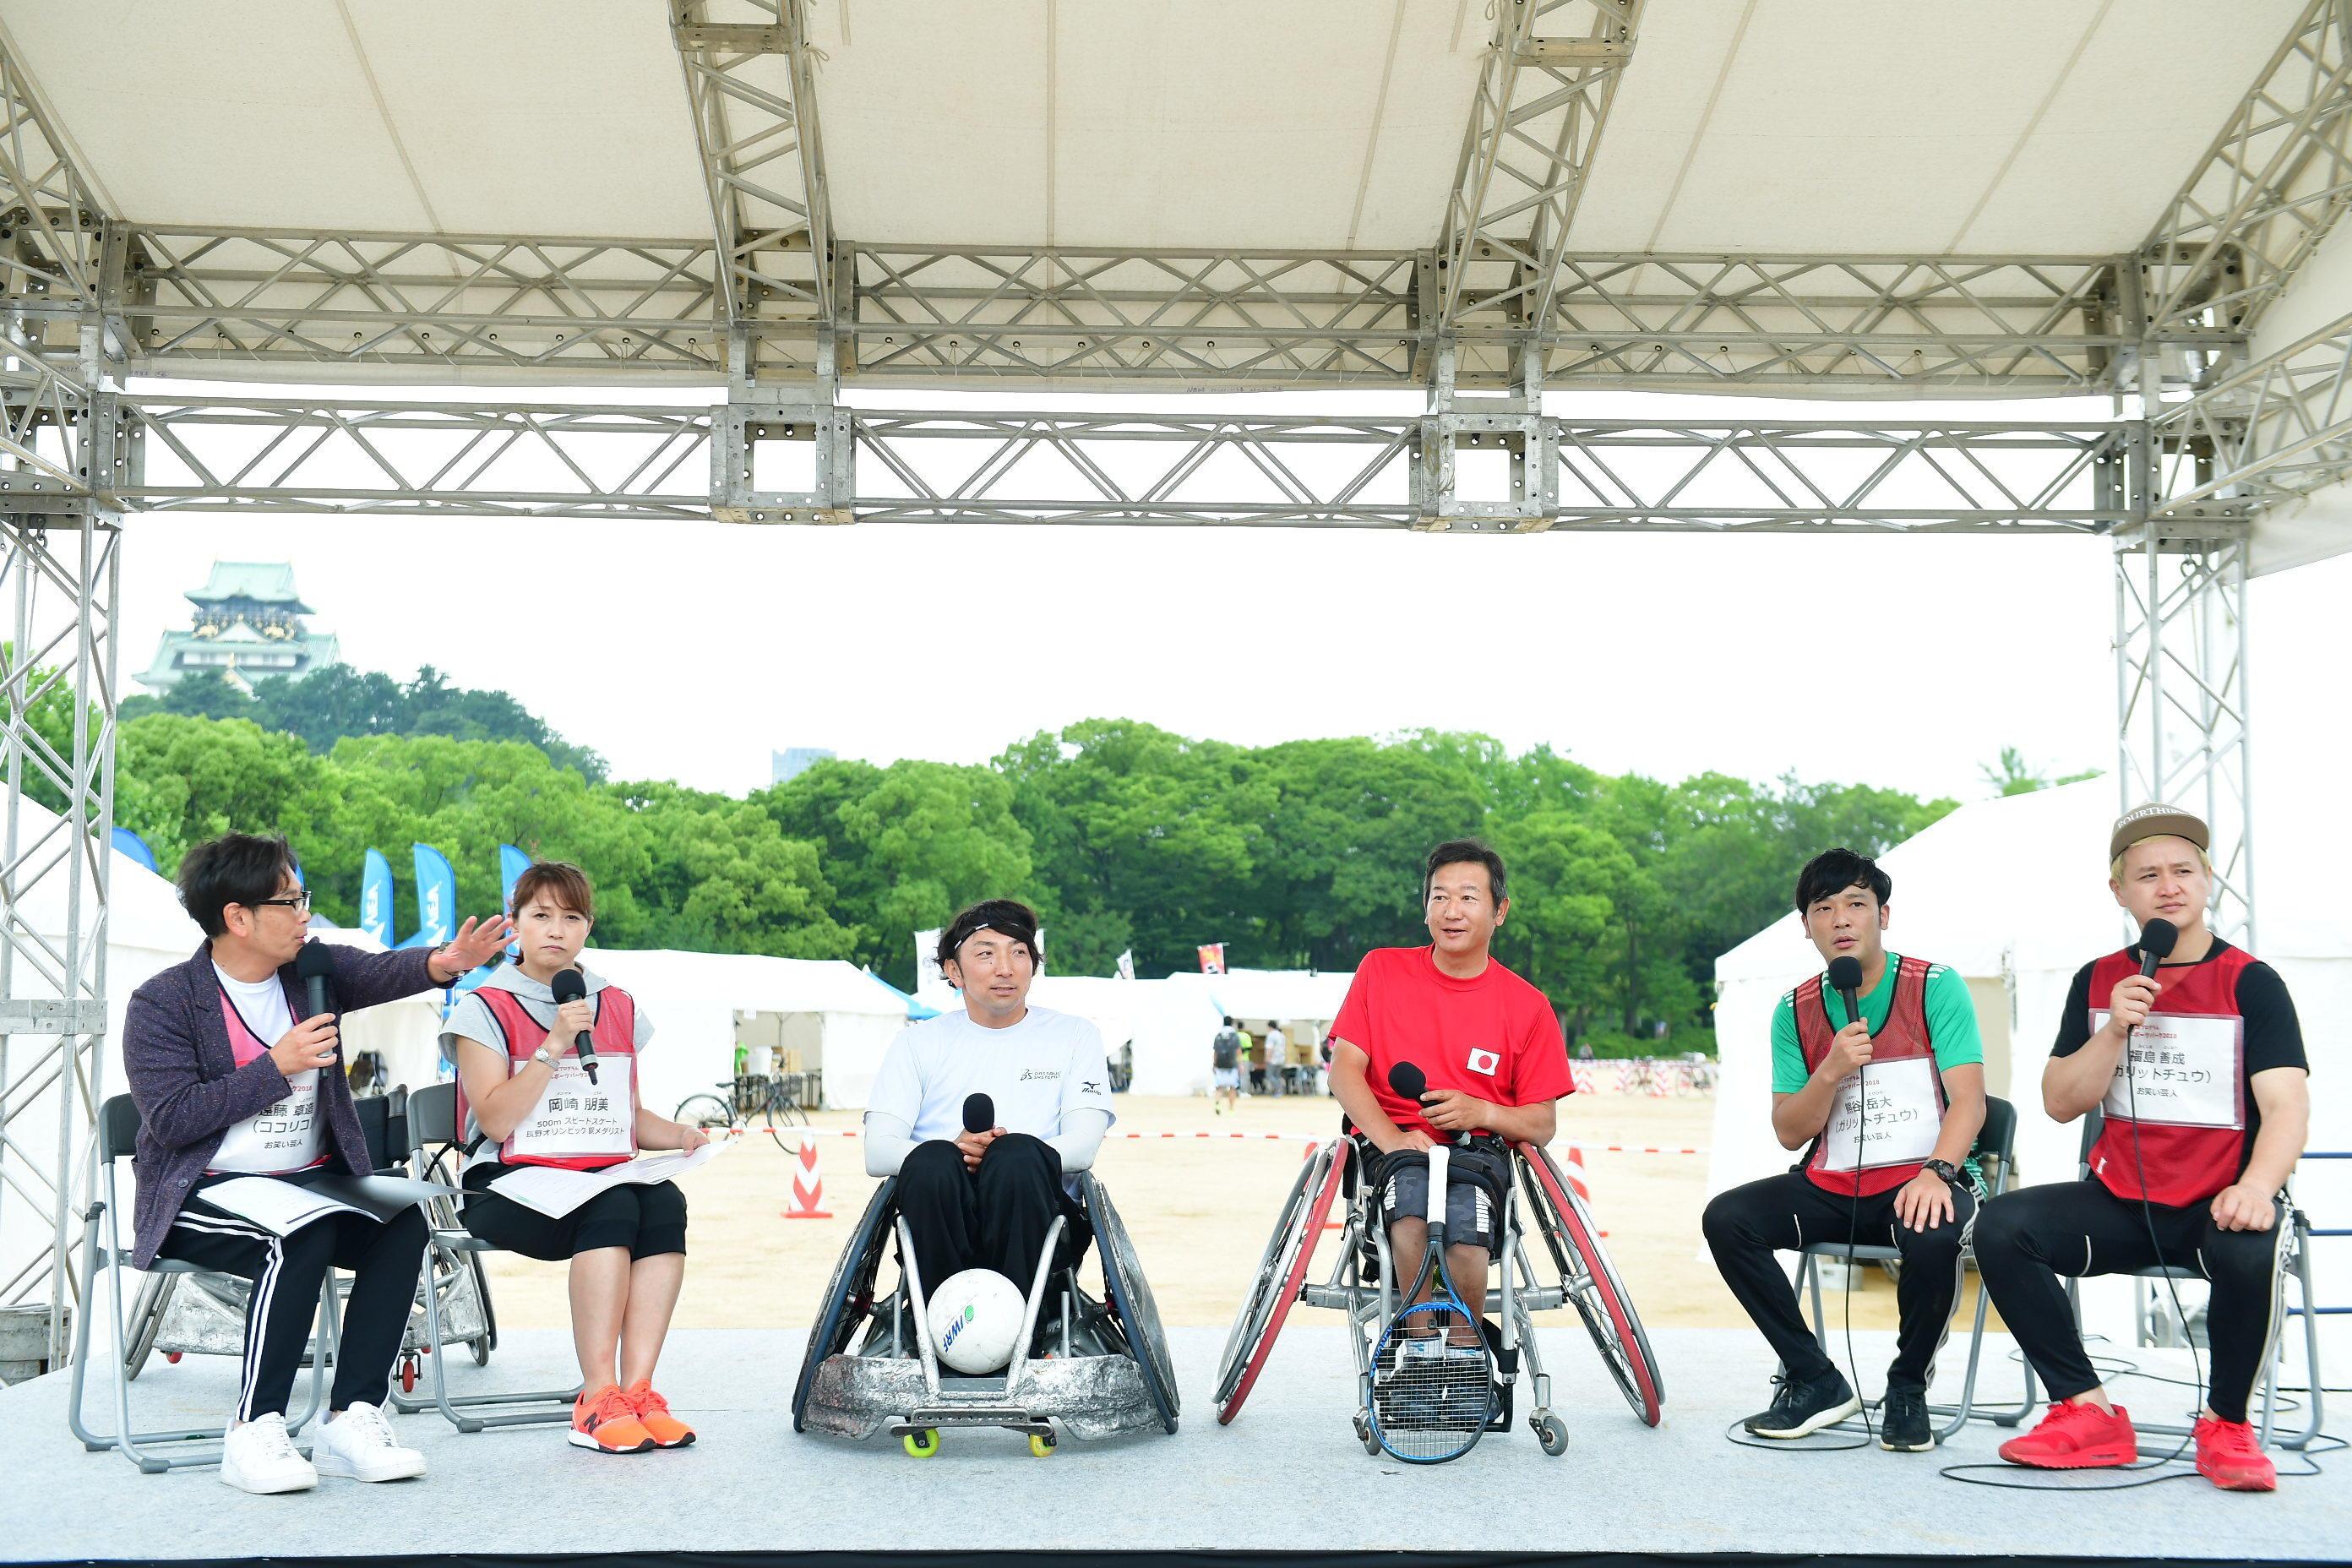 http://news.yoshimoto.co.jp/20180612160725-512b0e678d0c78521d2a6b9952b4718e2f3aafb2.jpg